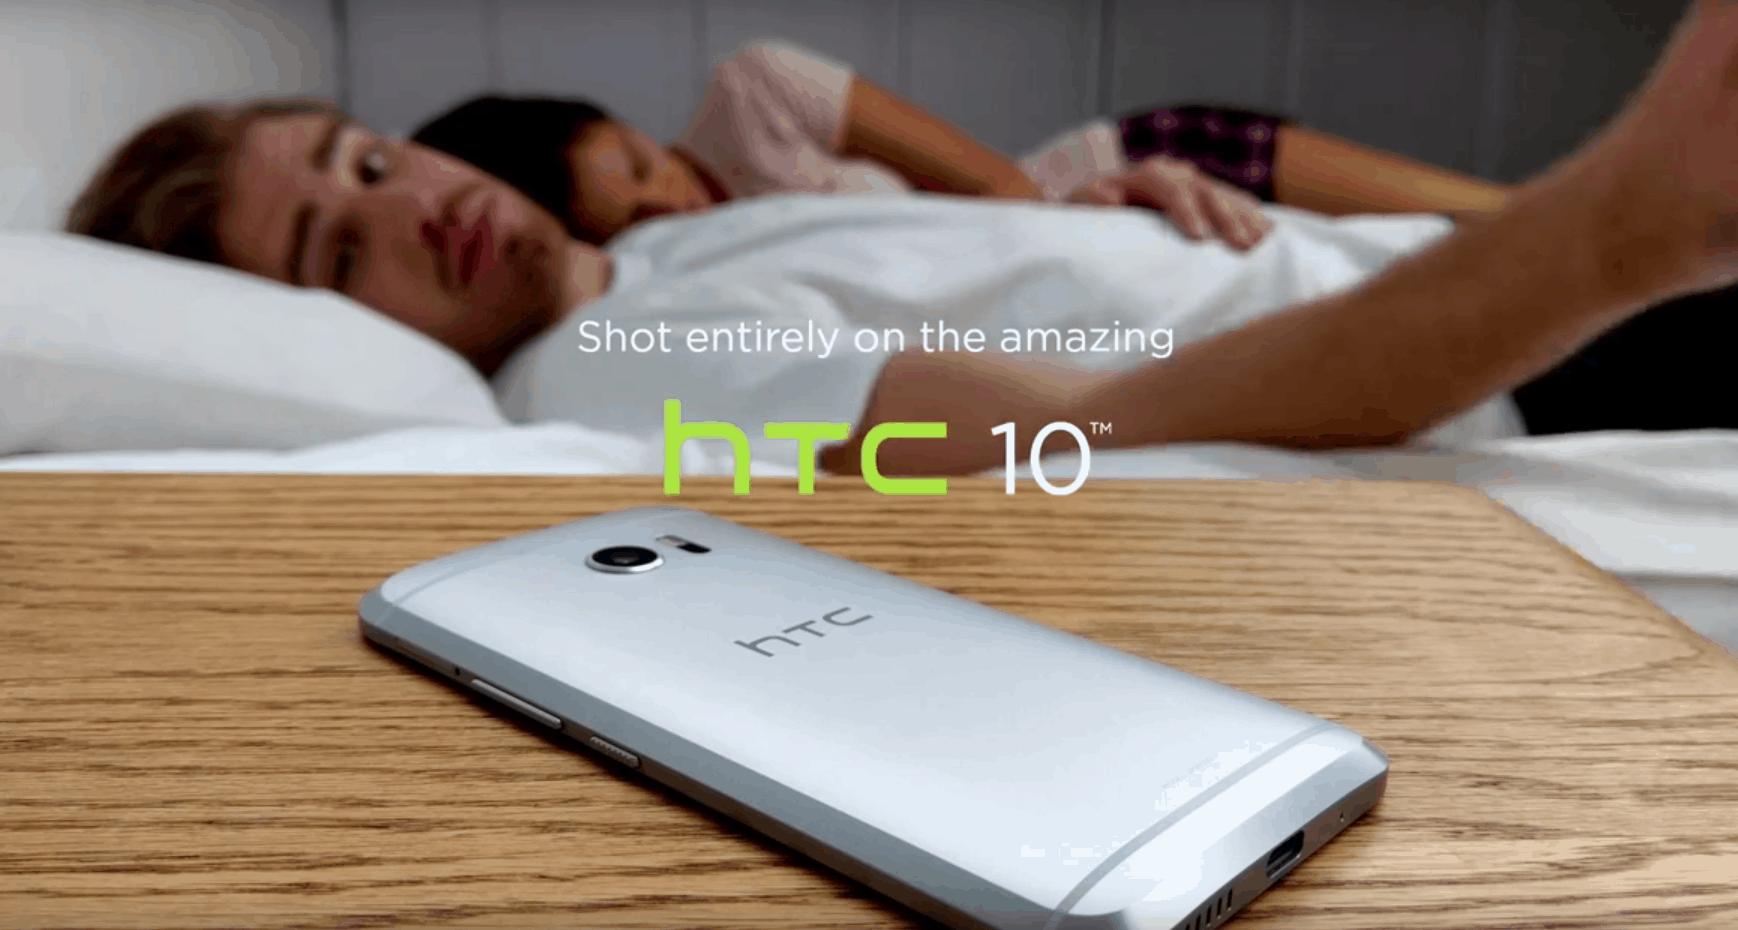 HTC 10 Ultra Selfie camera ad_1